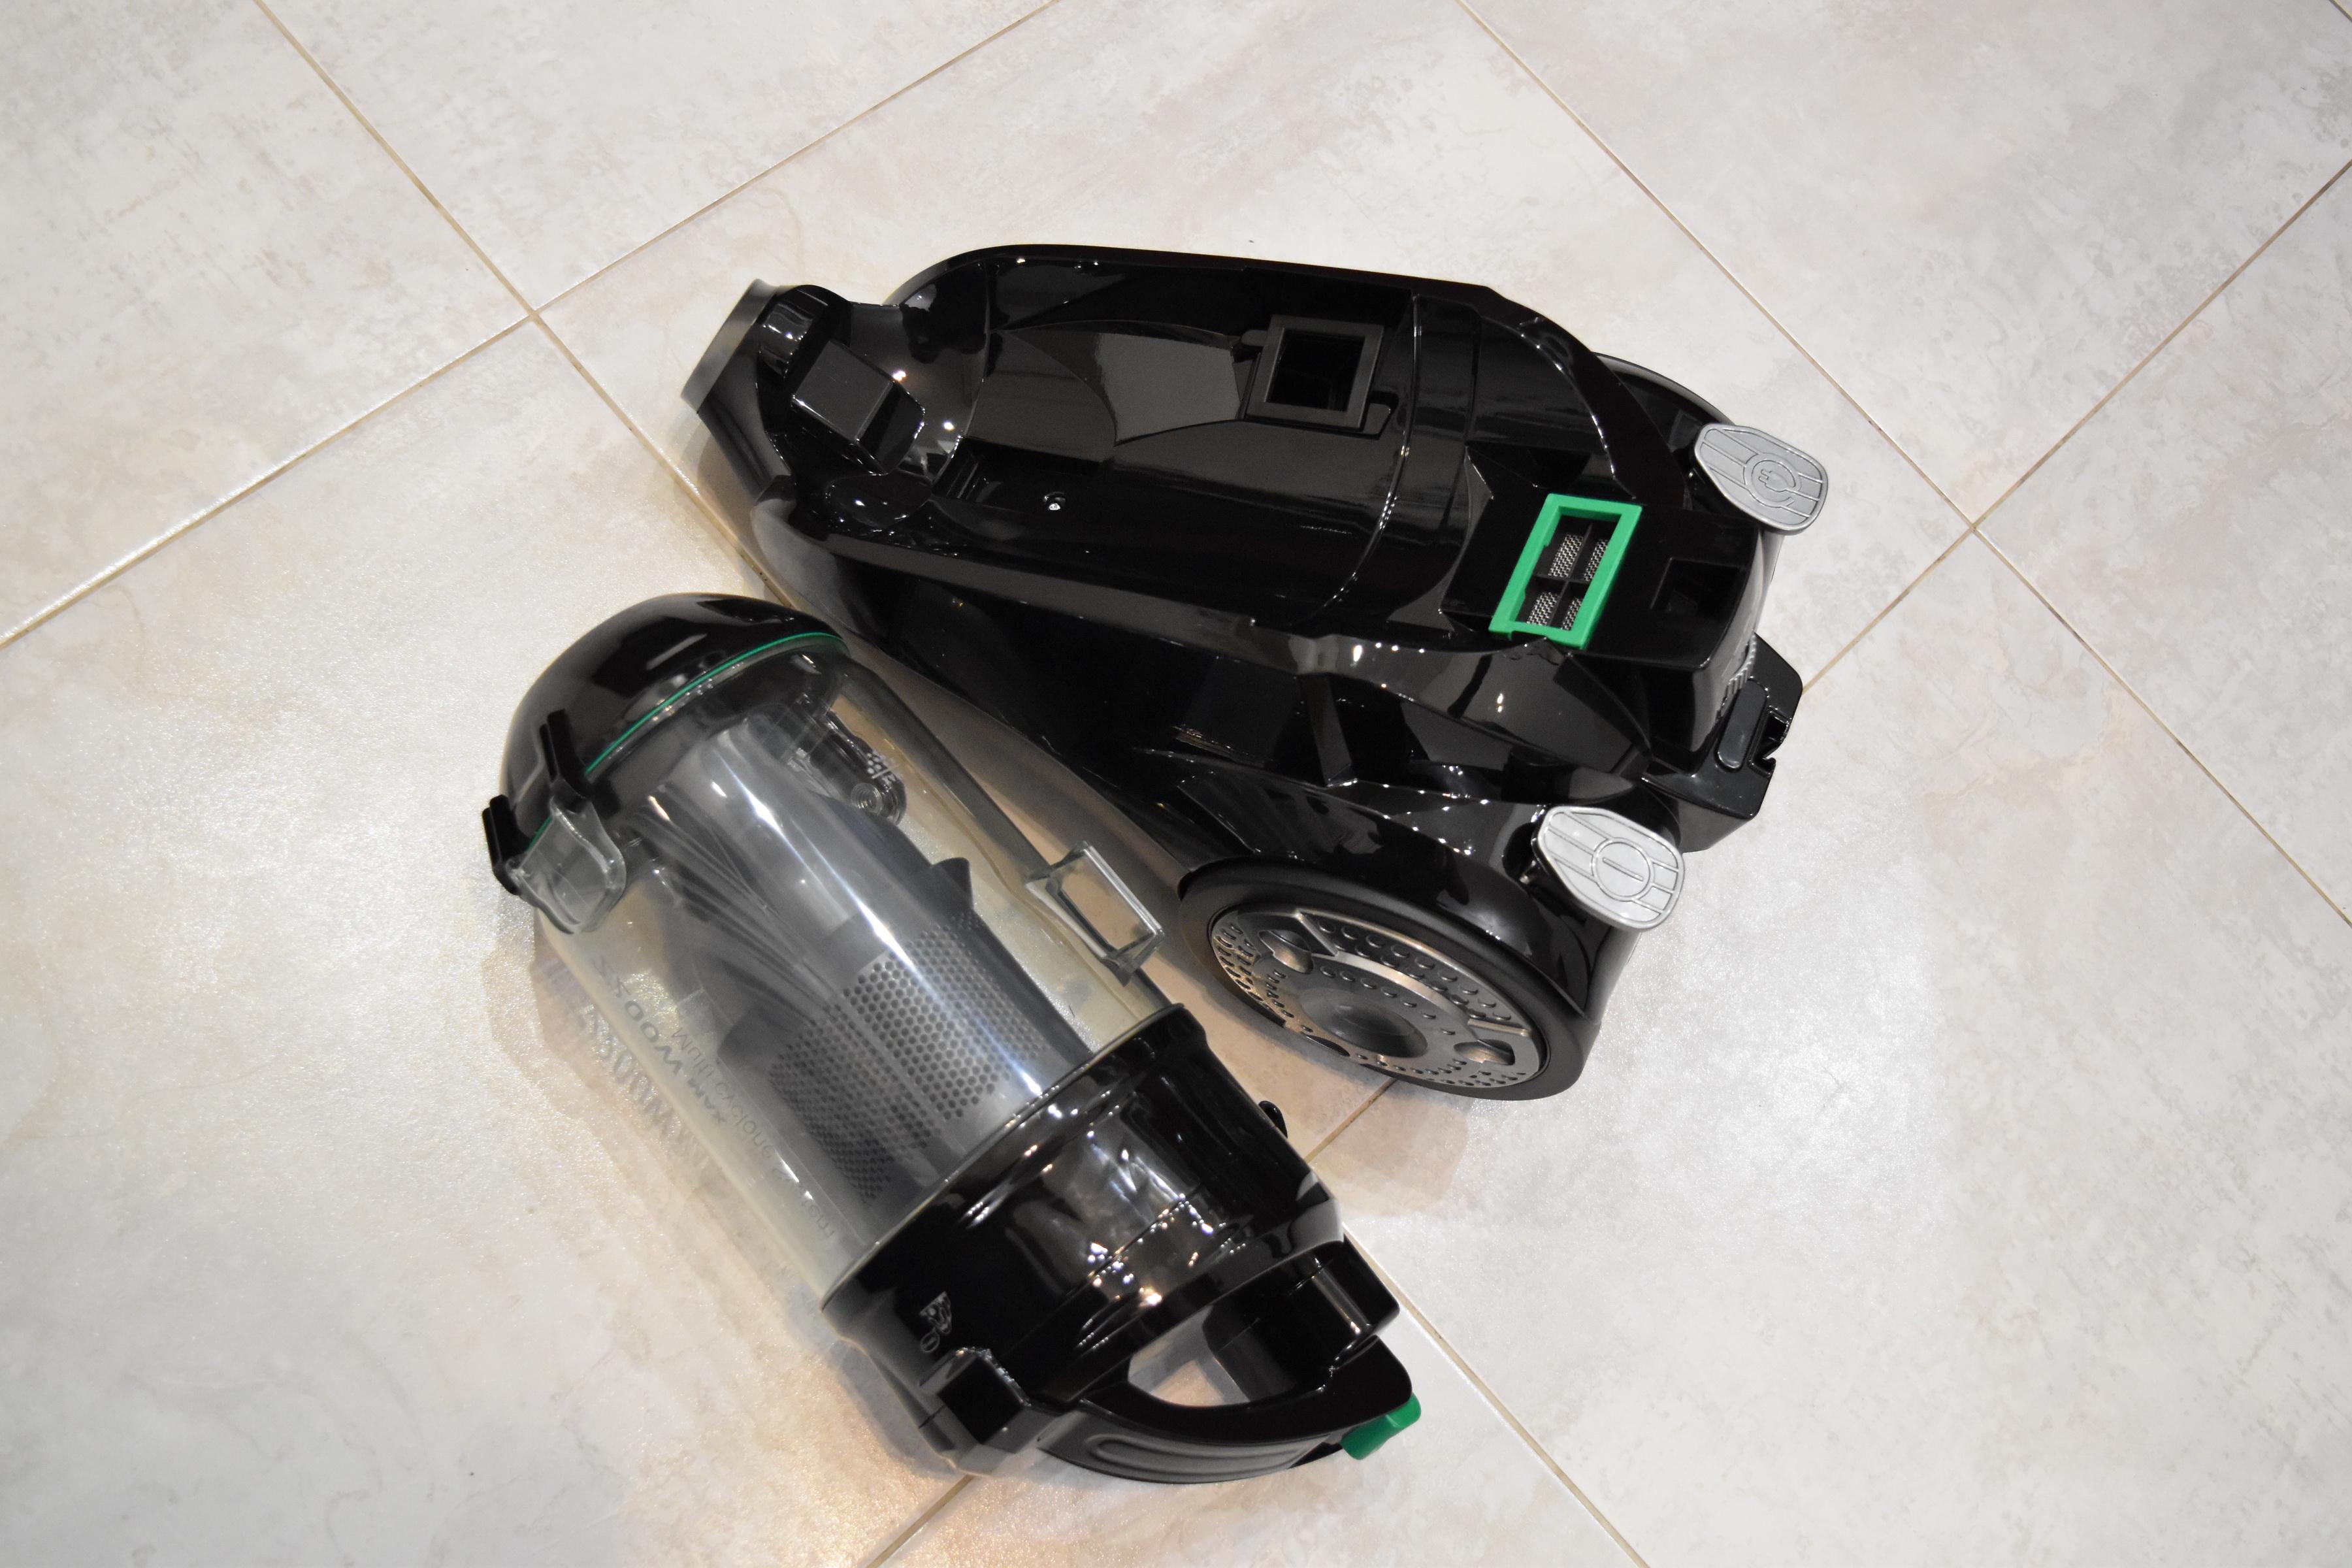 Пылесосы puppyoo — особенности модели p9 и мощного беспроводного пылесоса a9, обзор робота-пылесоса wp650, отзывы владельцев